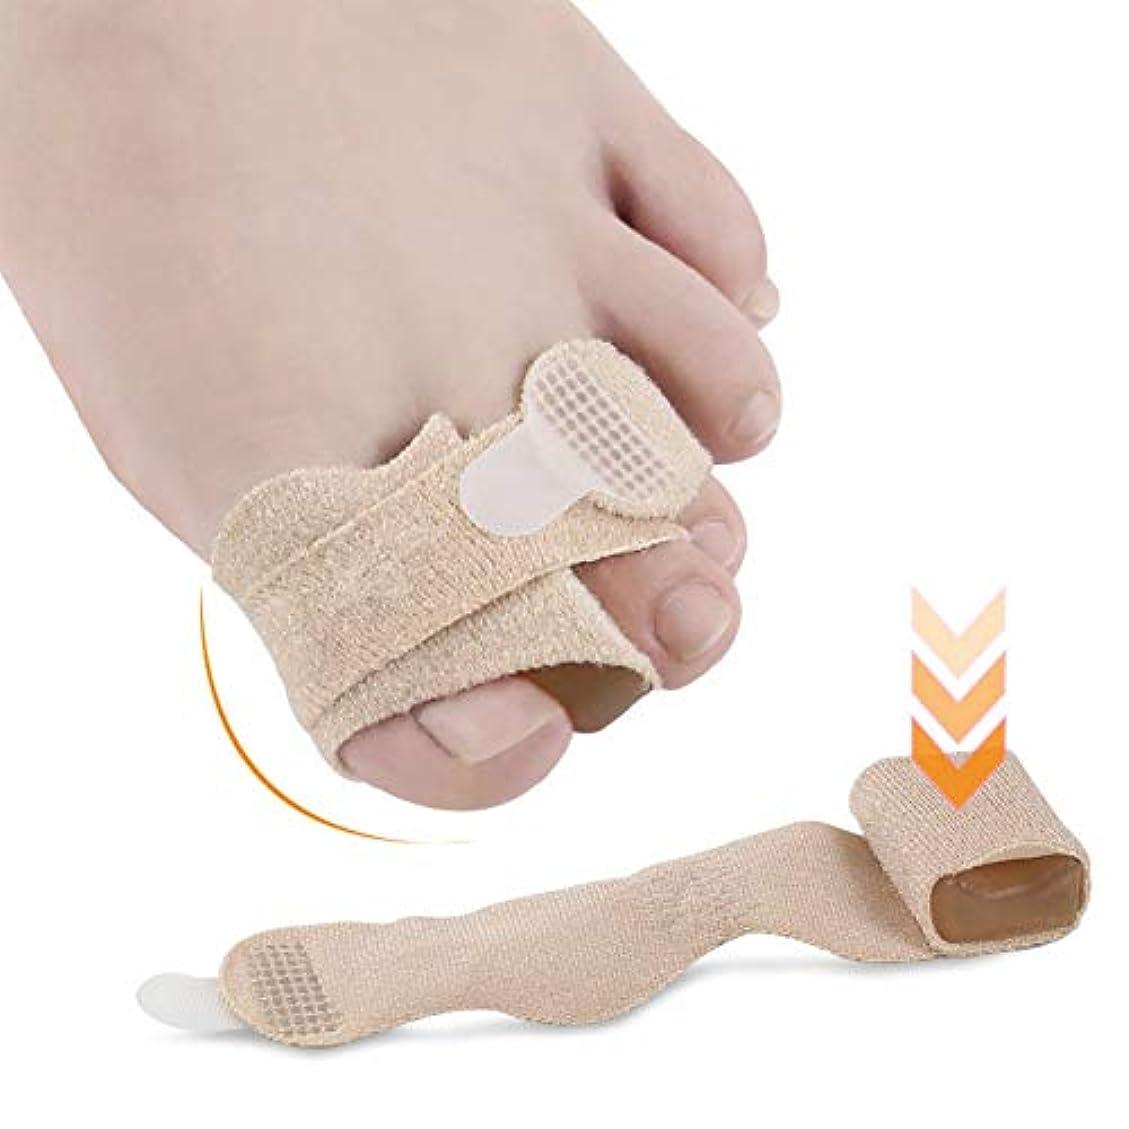 変える時代テナントKISSION 親指外反矯正 大骨矯正ベルト つま先セパレーター つま先外反装具 つま先矯正つま先セパレーター つま先の痛みを和らげる